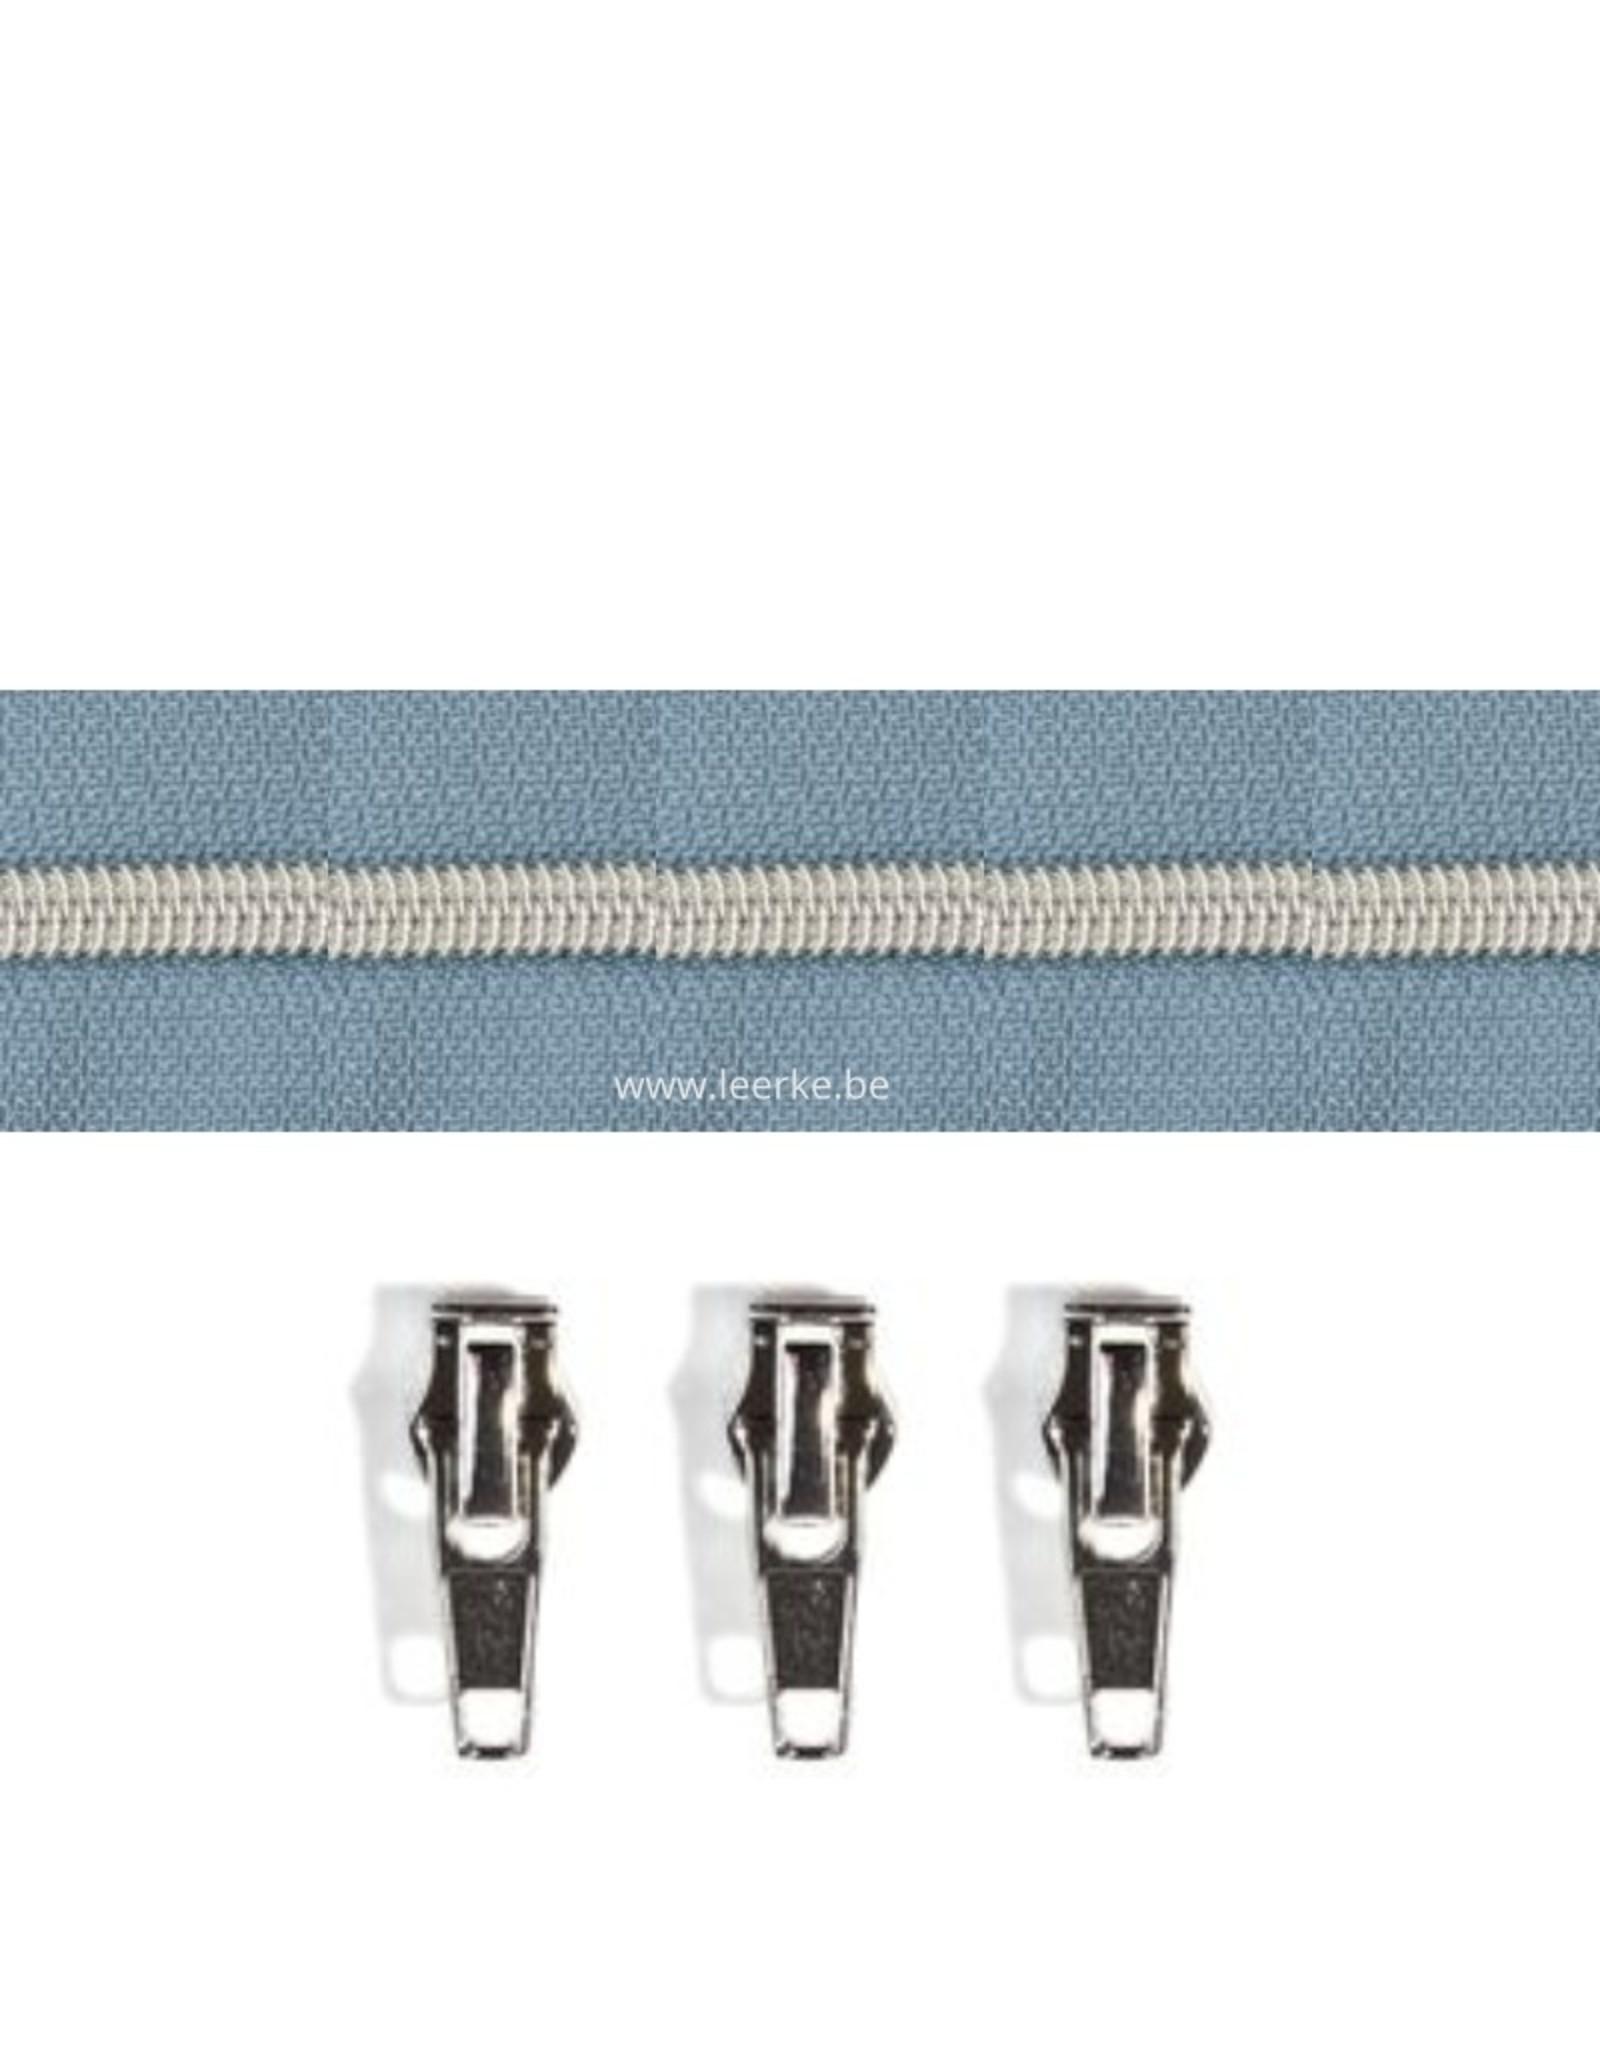 Rits per meter (incl. 3 trekkers) - Zilver- Oudblauw - Size 6,5